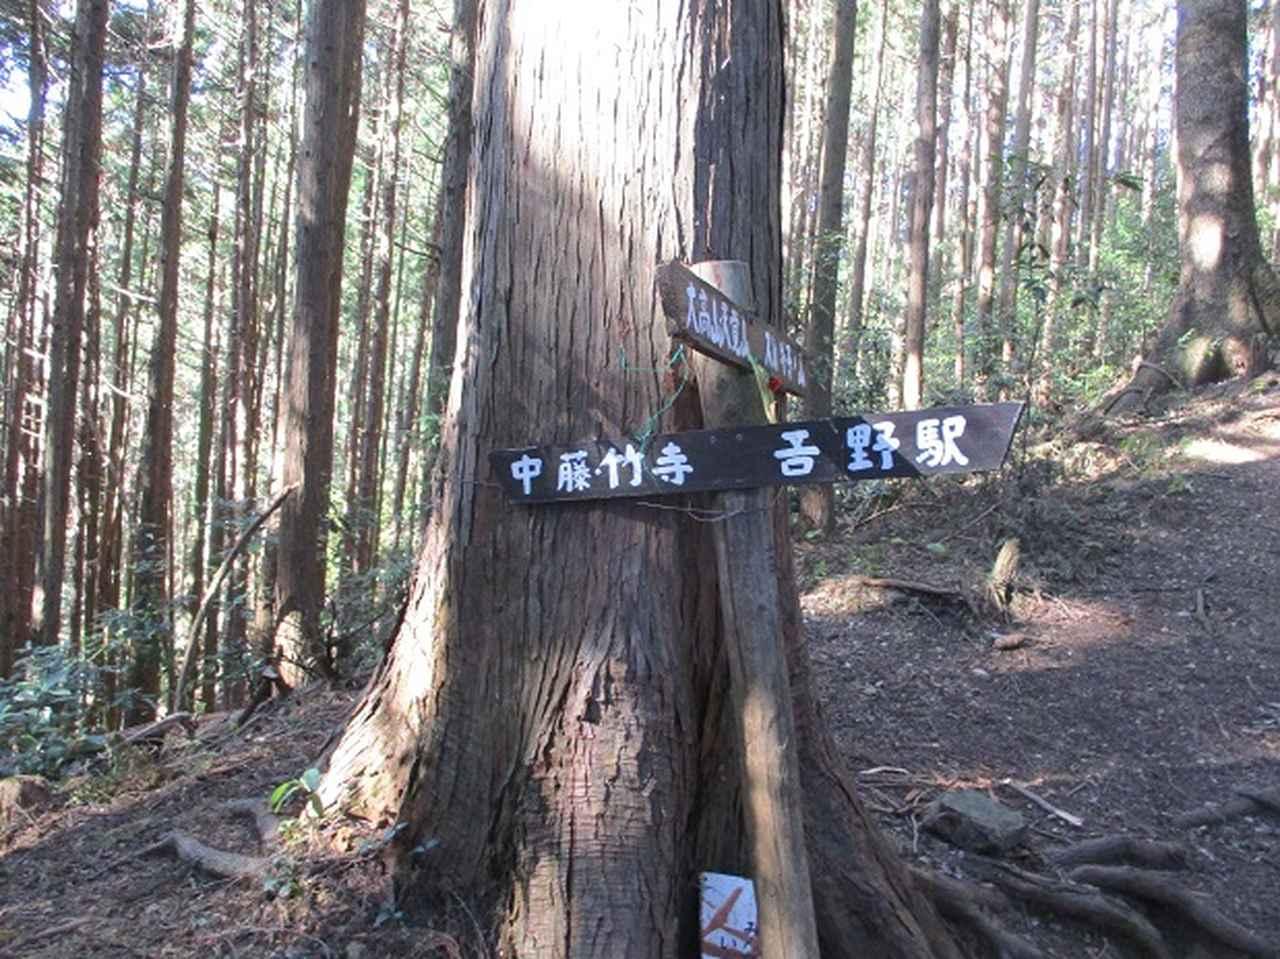 画像2: 岡田健ガイドより、吾野から竹寺ツアーのご報告